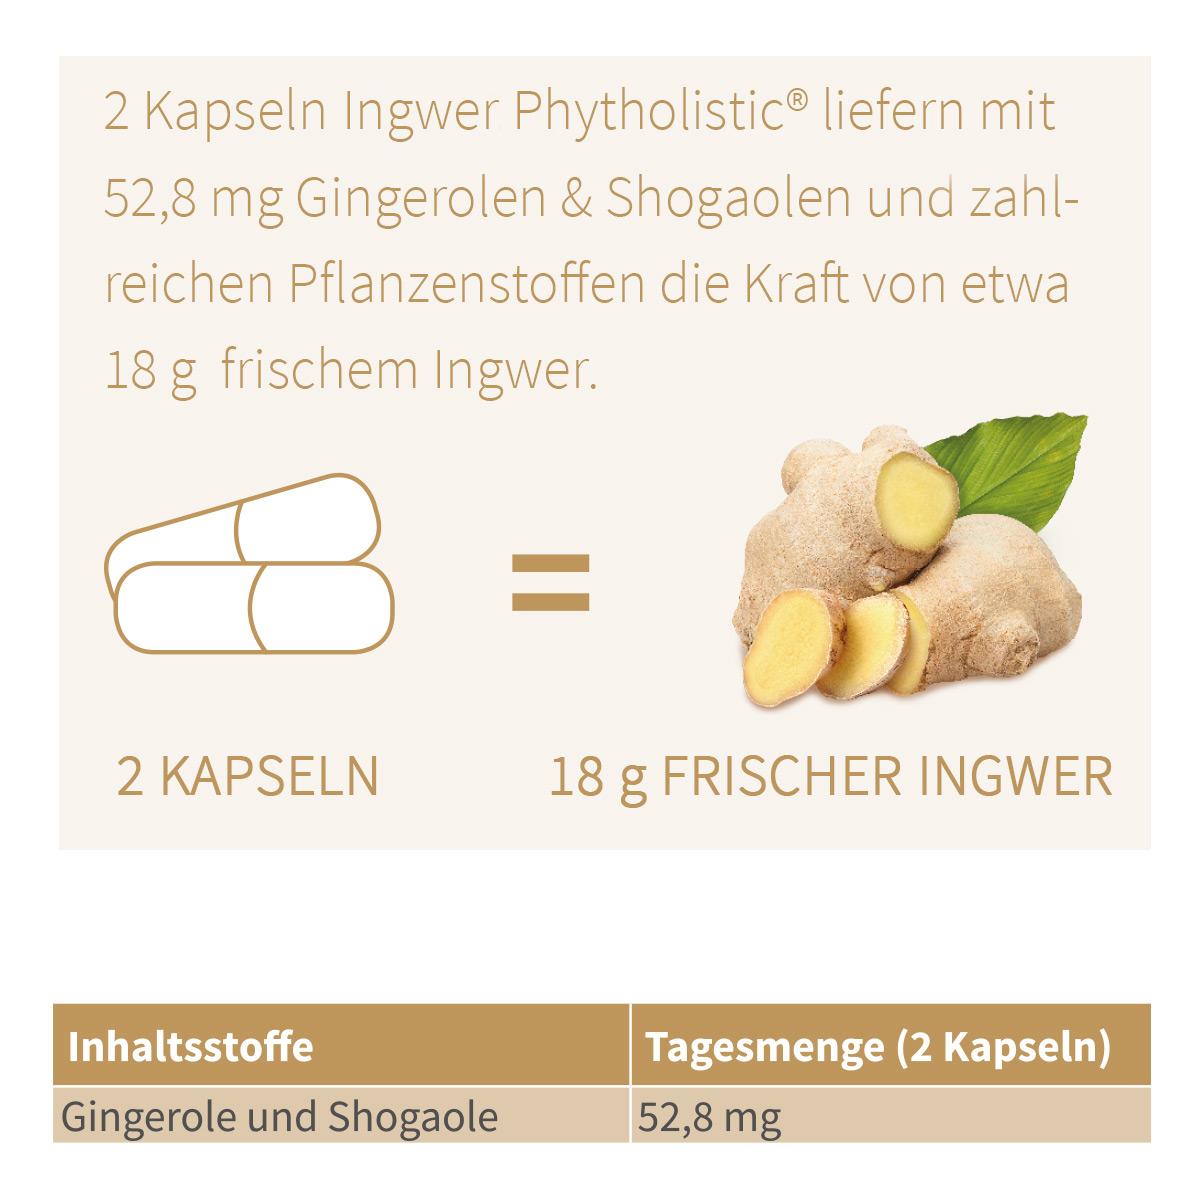 ingwer-kapseln-bio-rein-pflanzlich-gingerin-phytholistic-60-stueck-grafik-dosierung-1200x1200